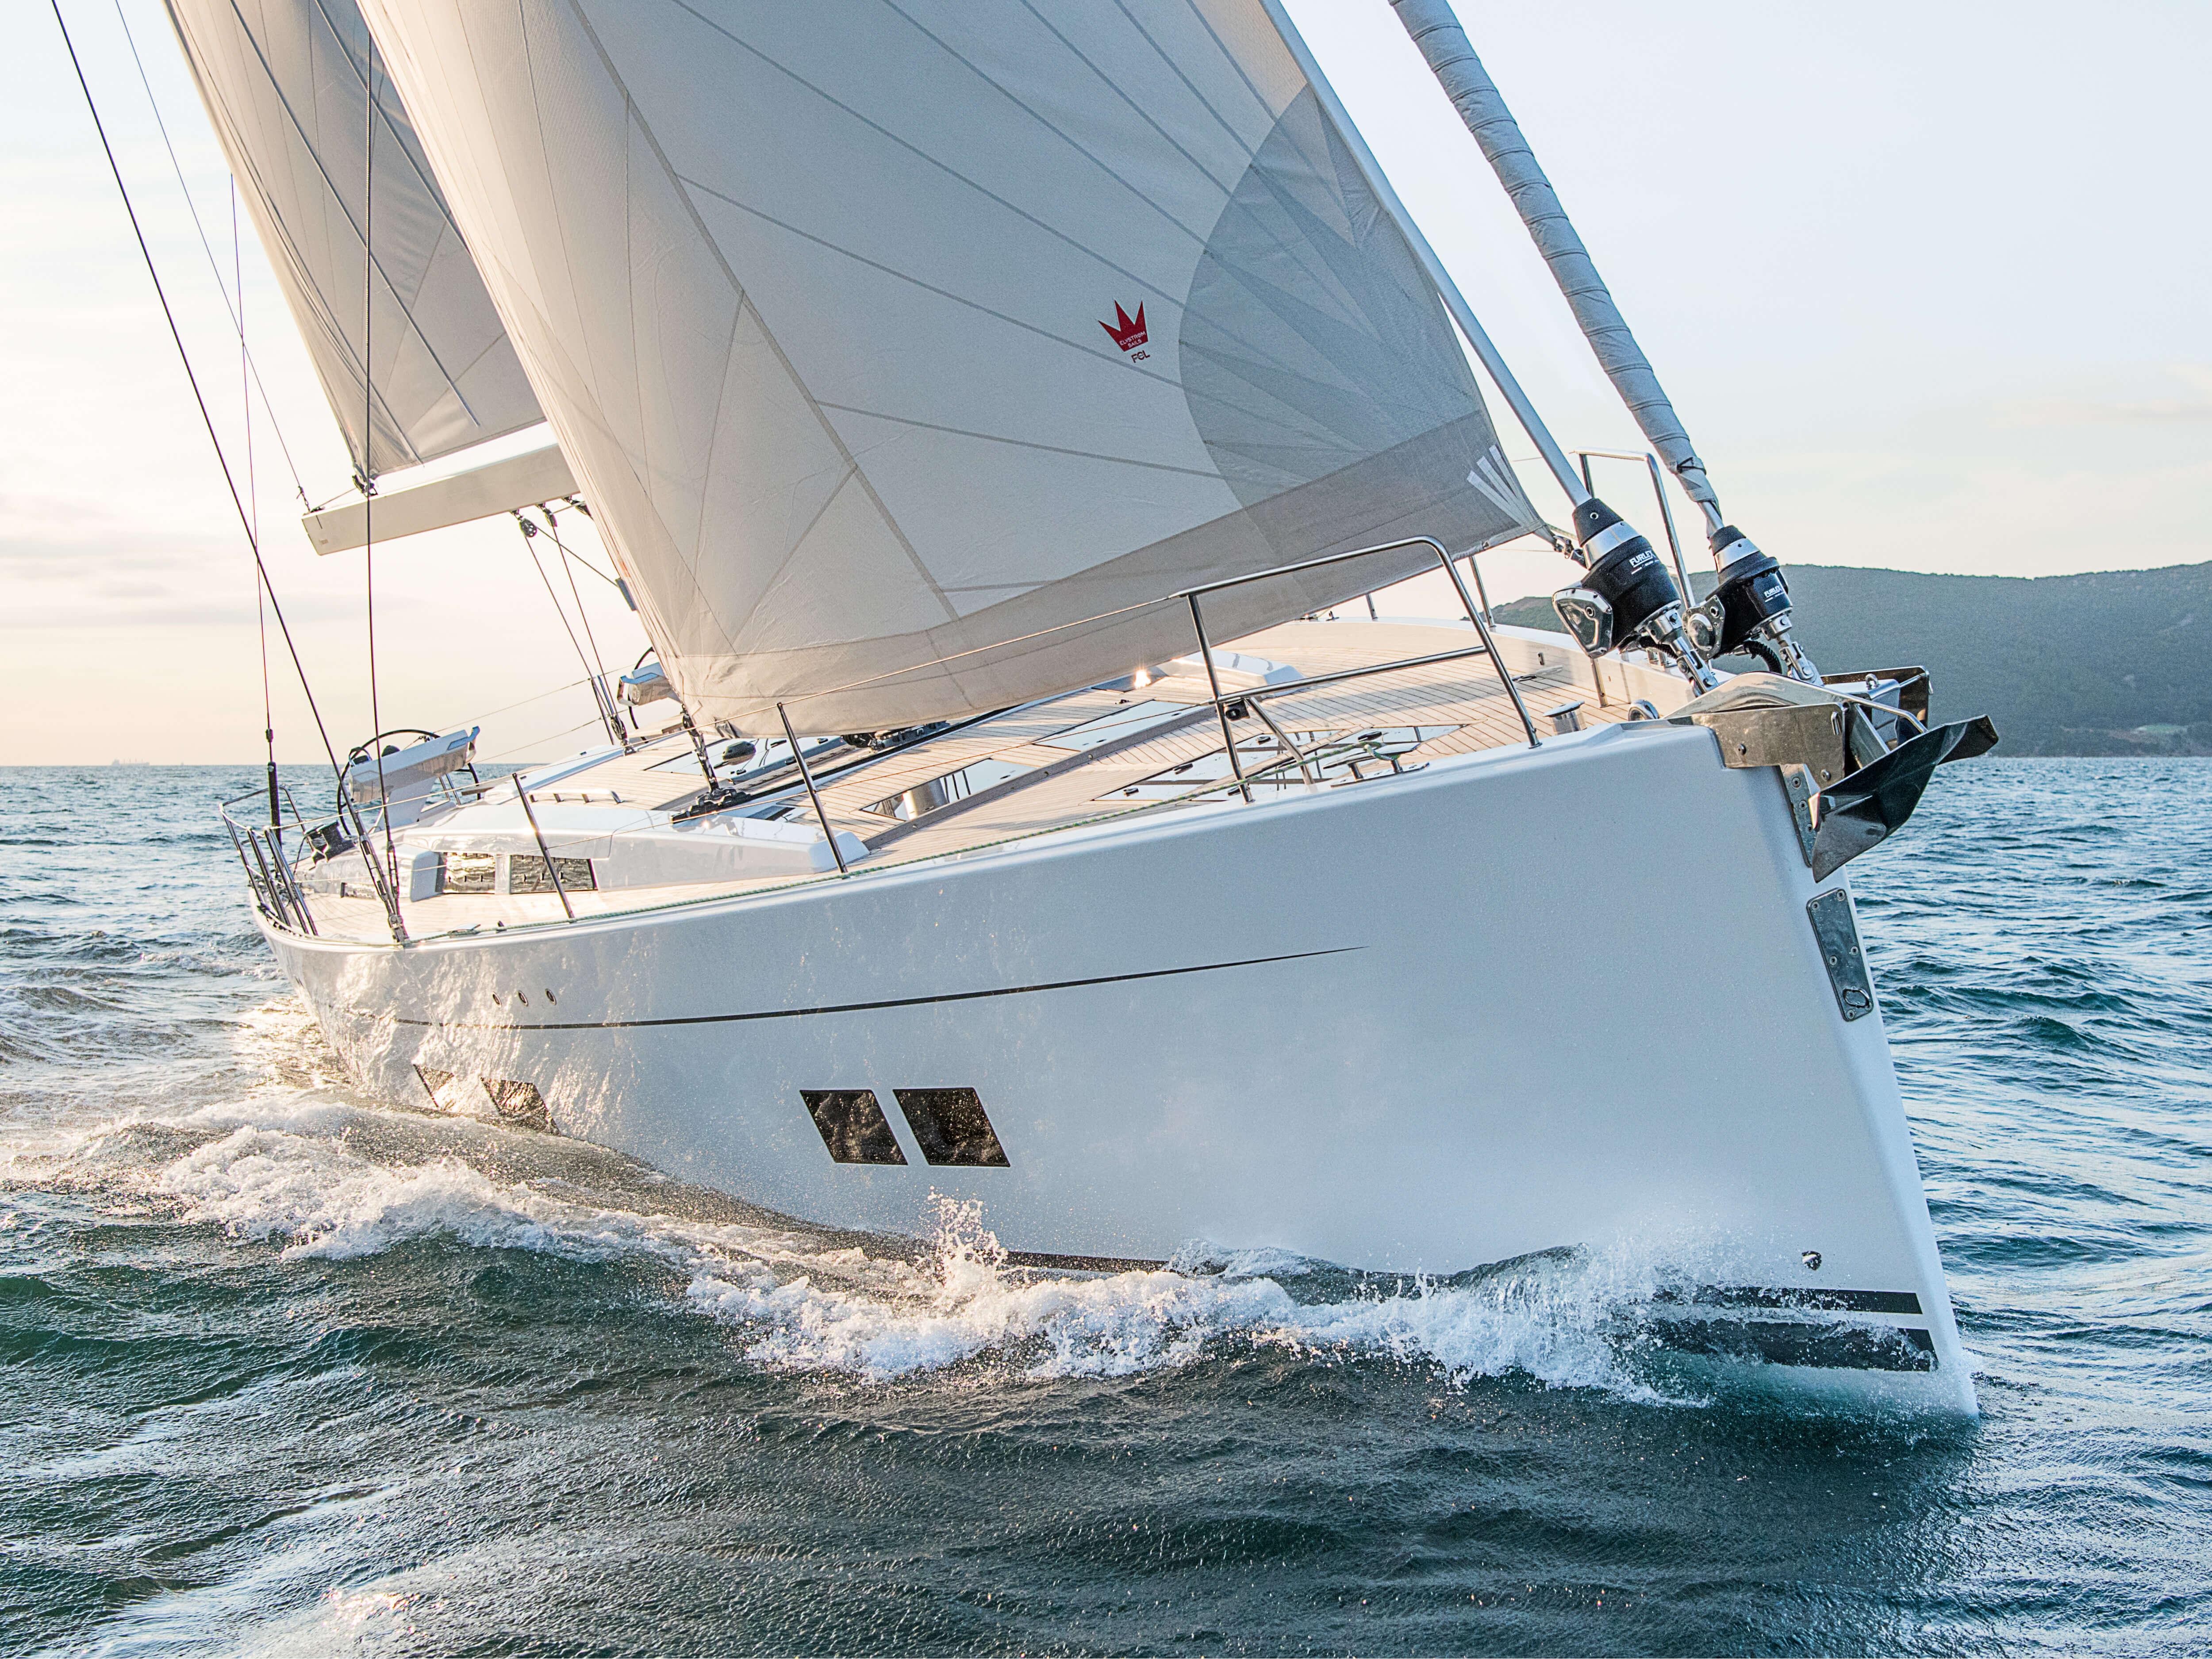 Hanse 588 Exterior Sailing | foresail, main sail, hand rail, teak deck | Hanse